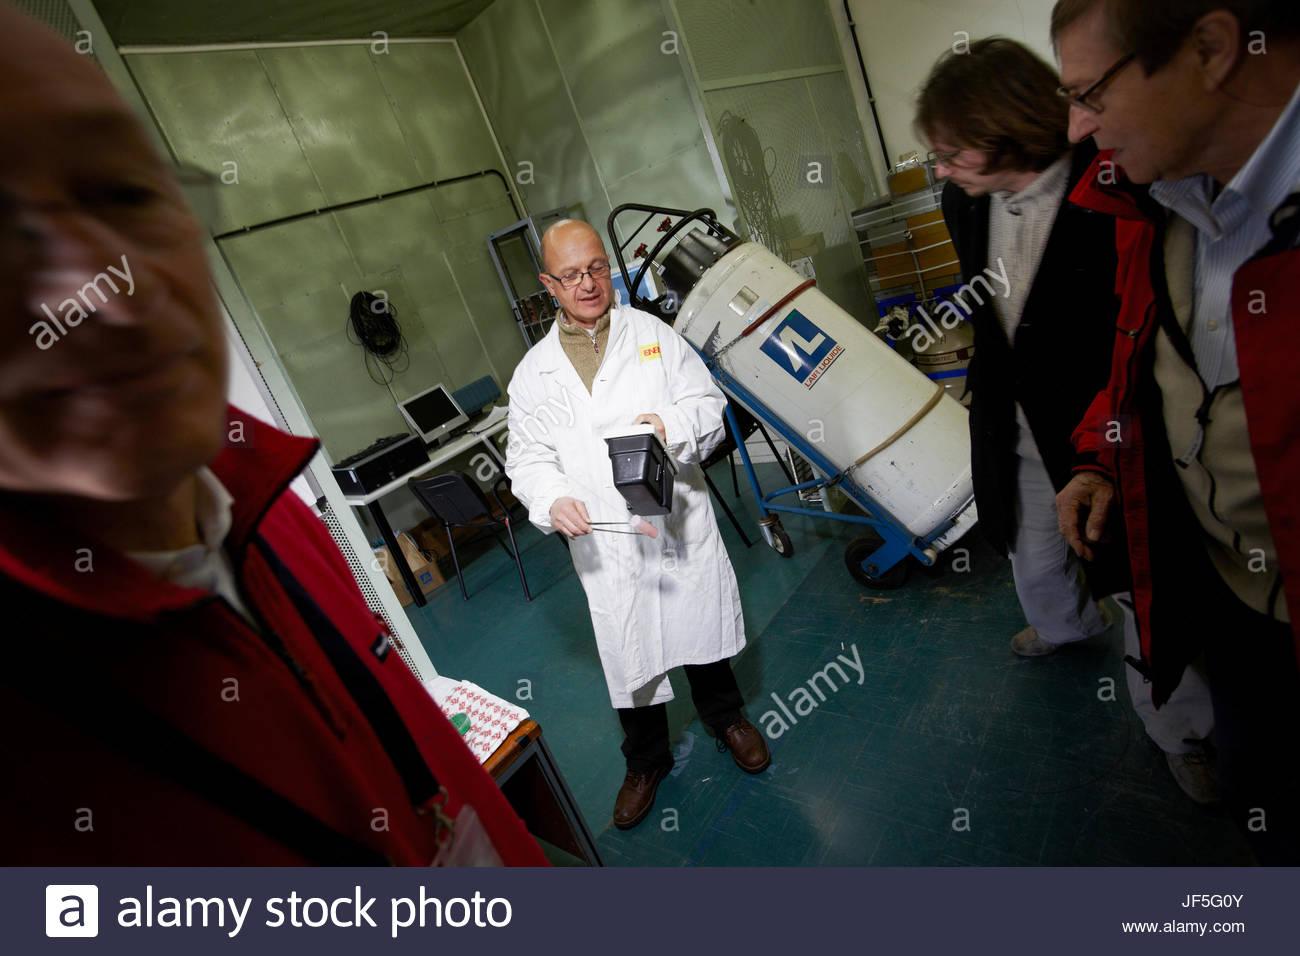 In the search for Leonardo Da Vinci's Battle of Anghiari, physicist Mario Pillon at the ENEA nuclear research - Stock Image